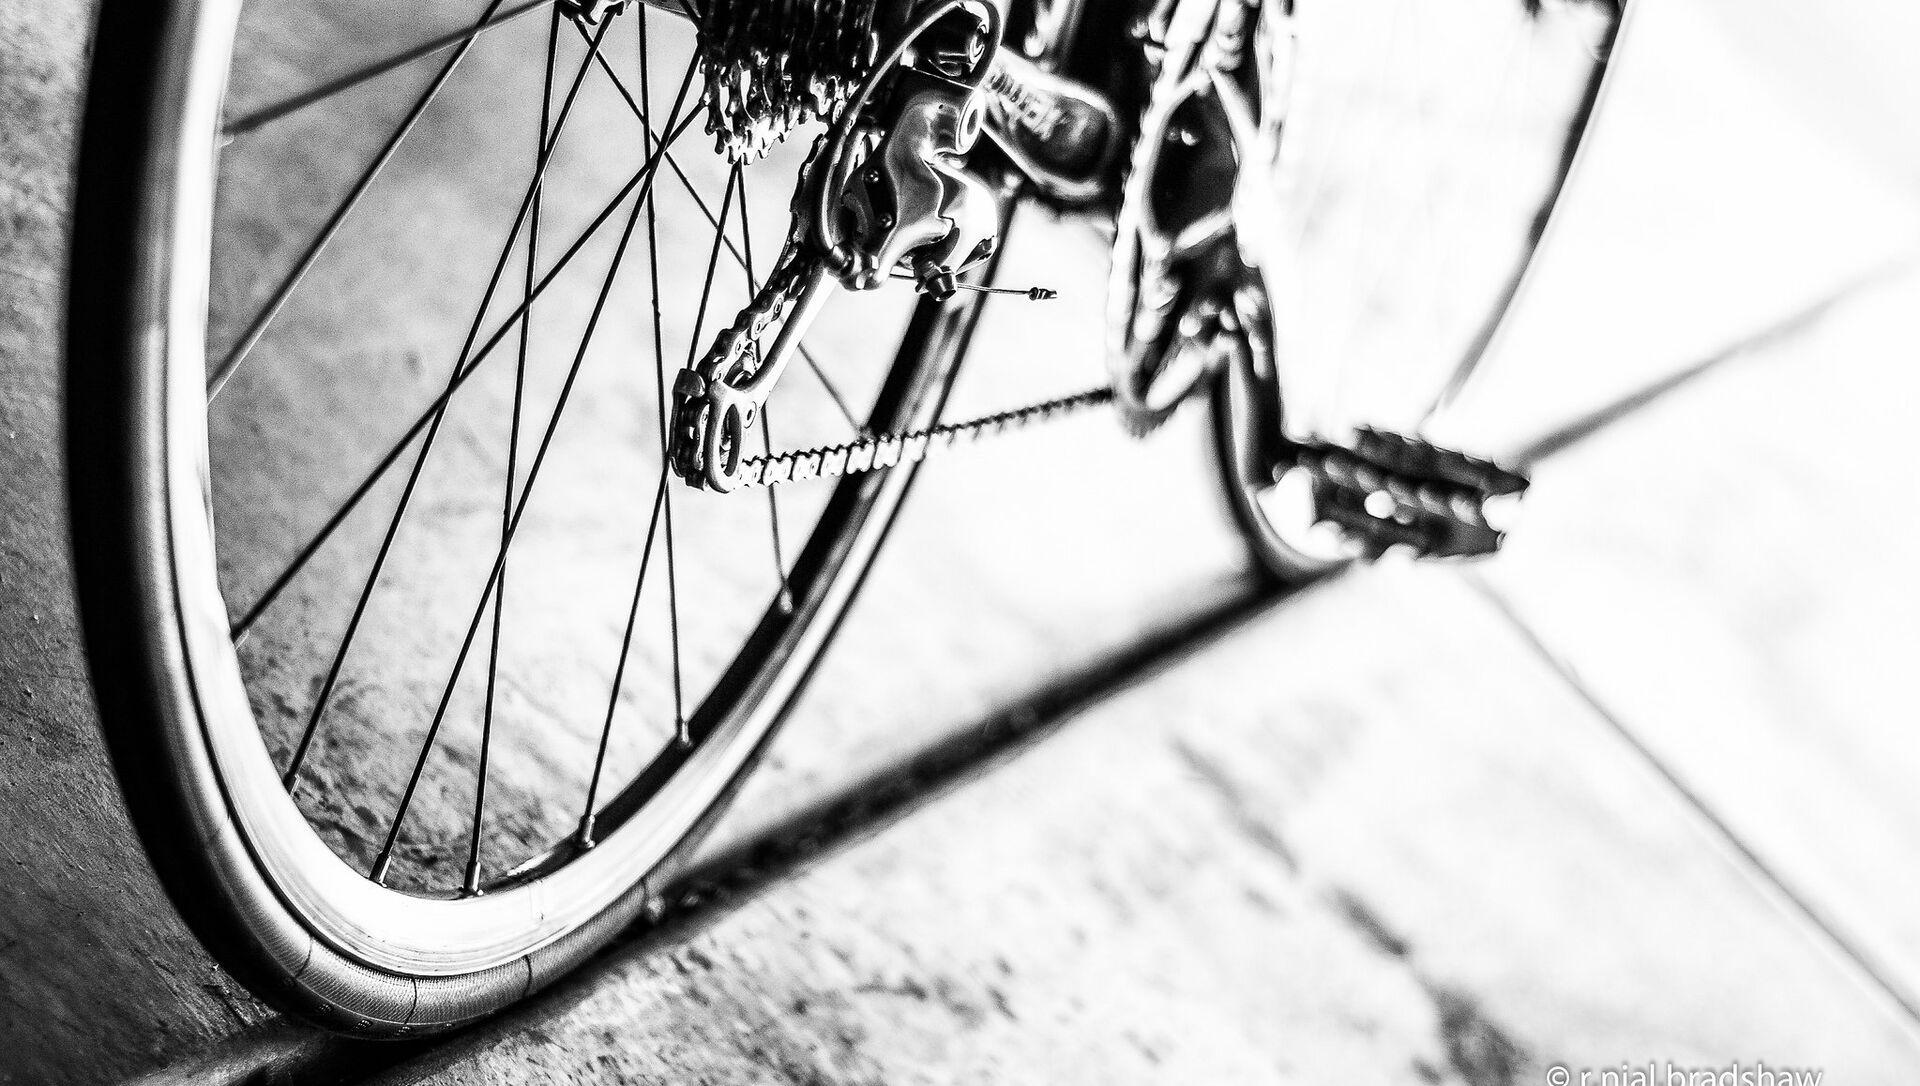 Bicicleta (imagen referencial) - Sputnik Mundo, 1920, 21.08.2020